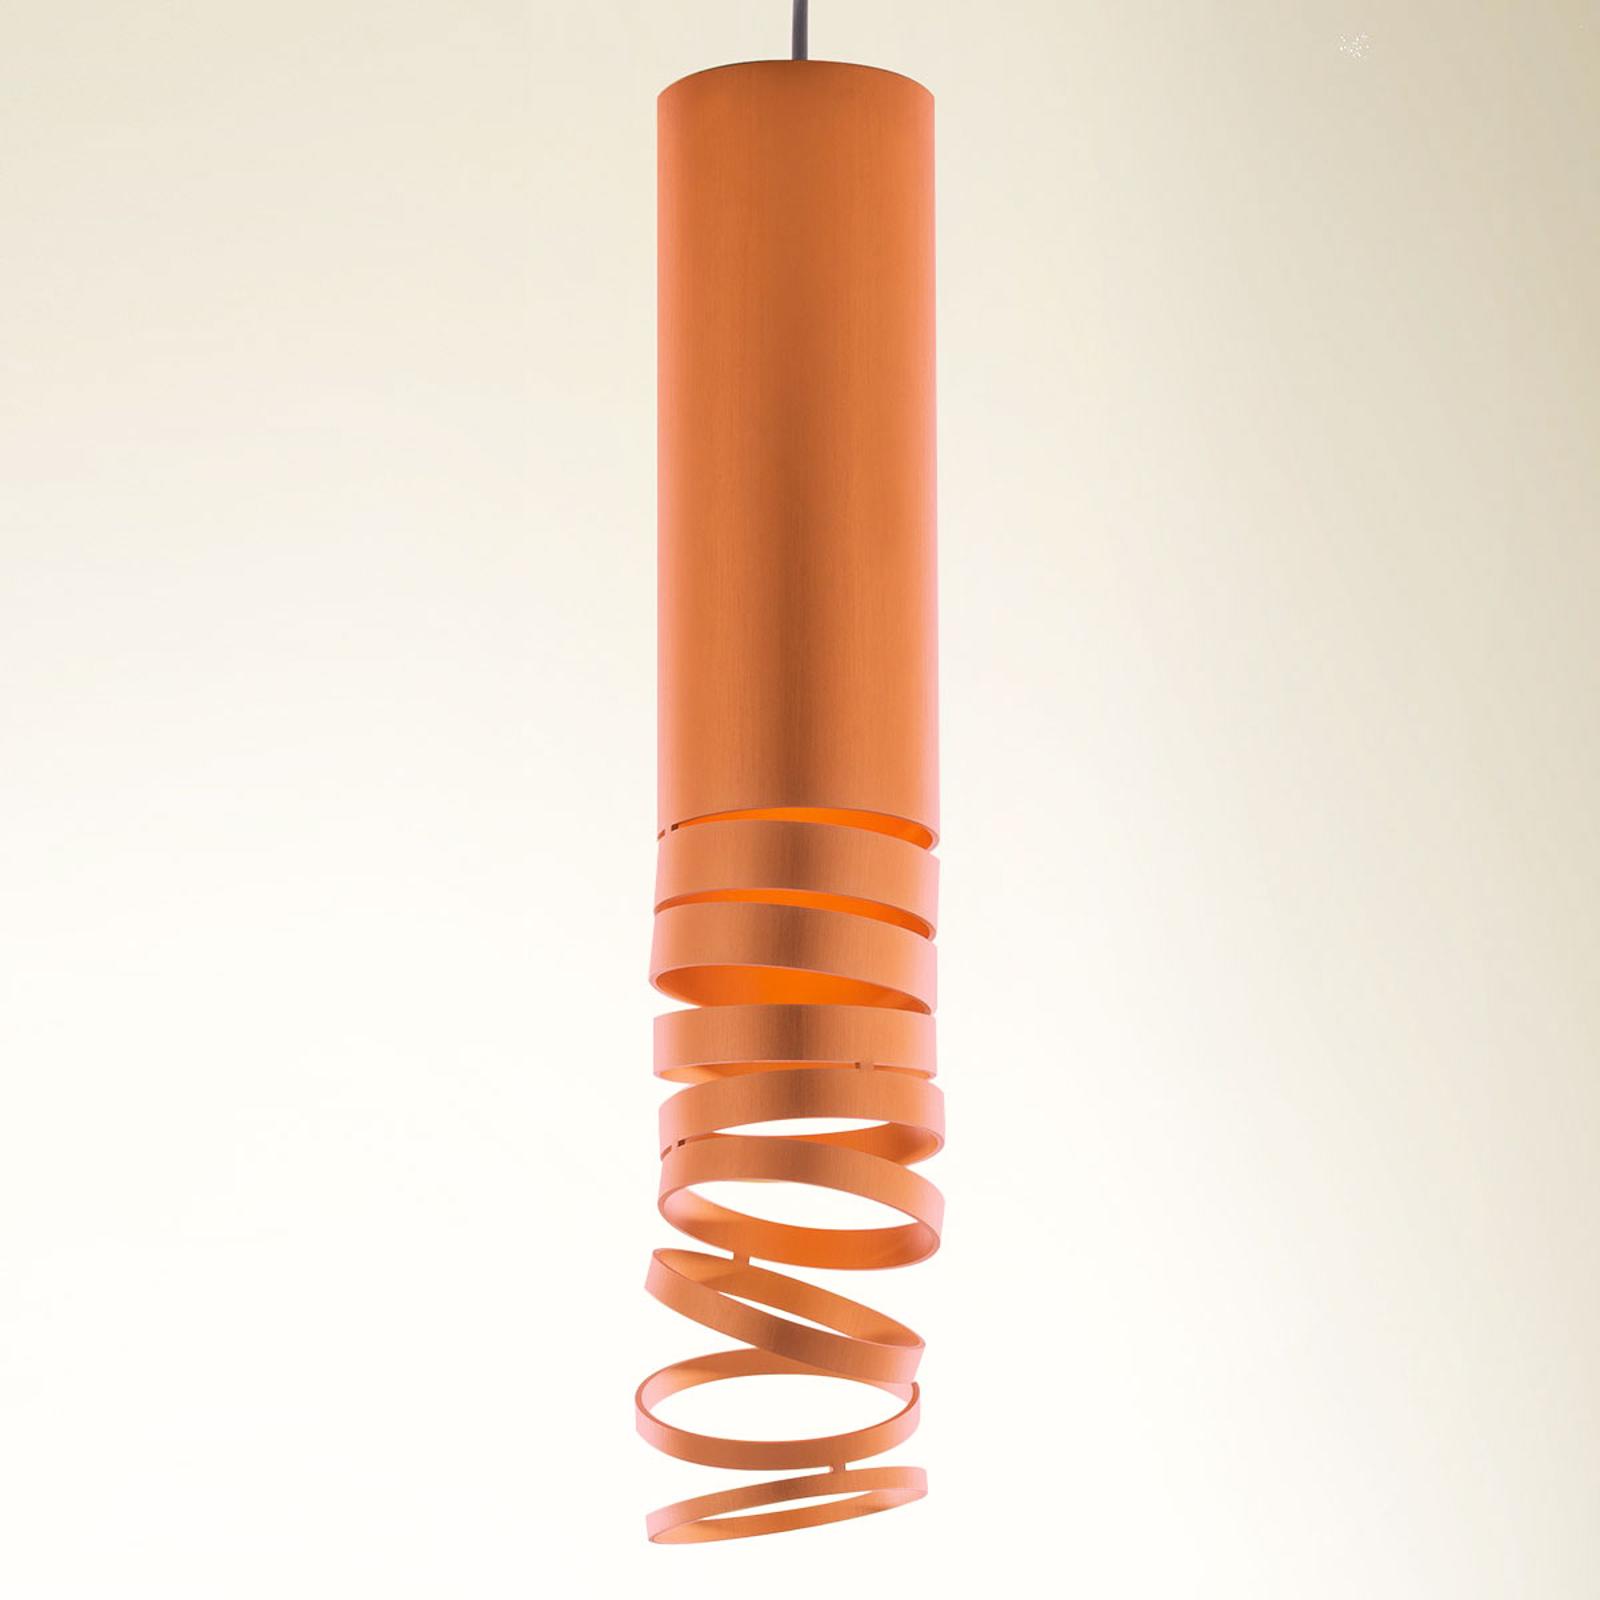 Artemide Decomposé lampada a sospensione arancio